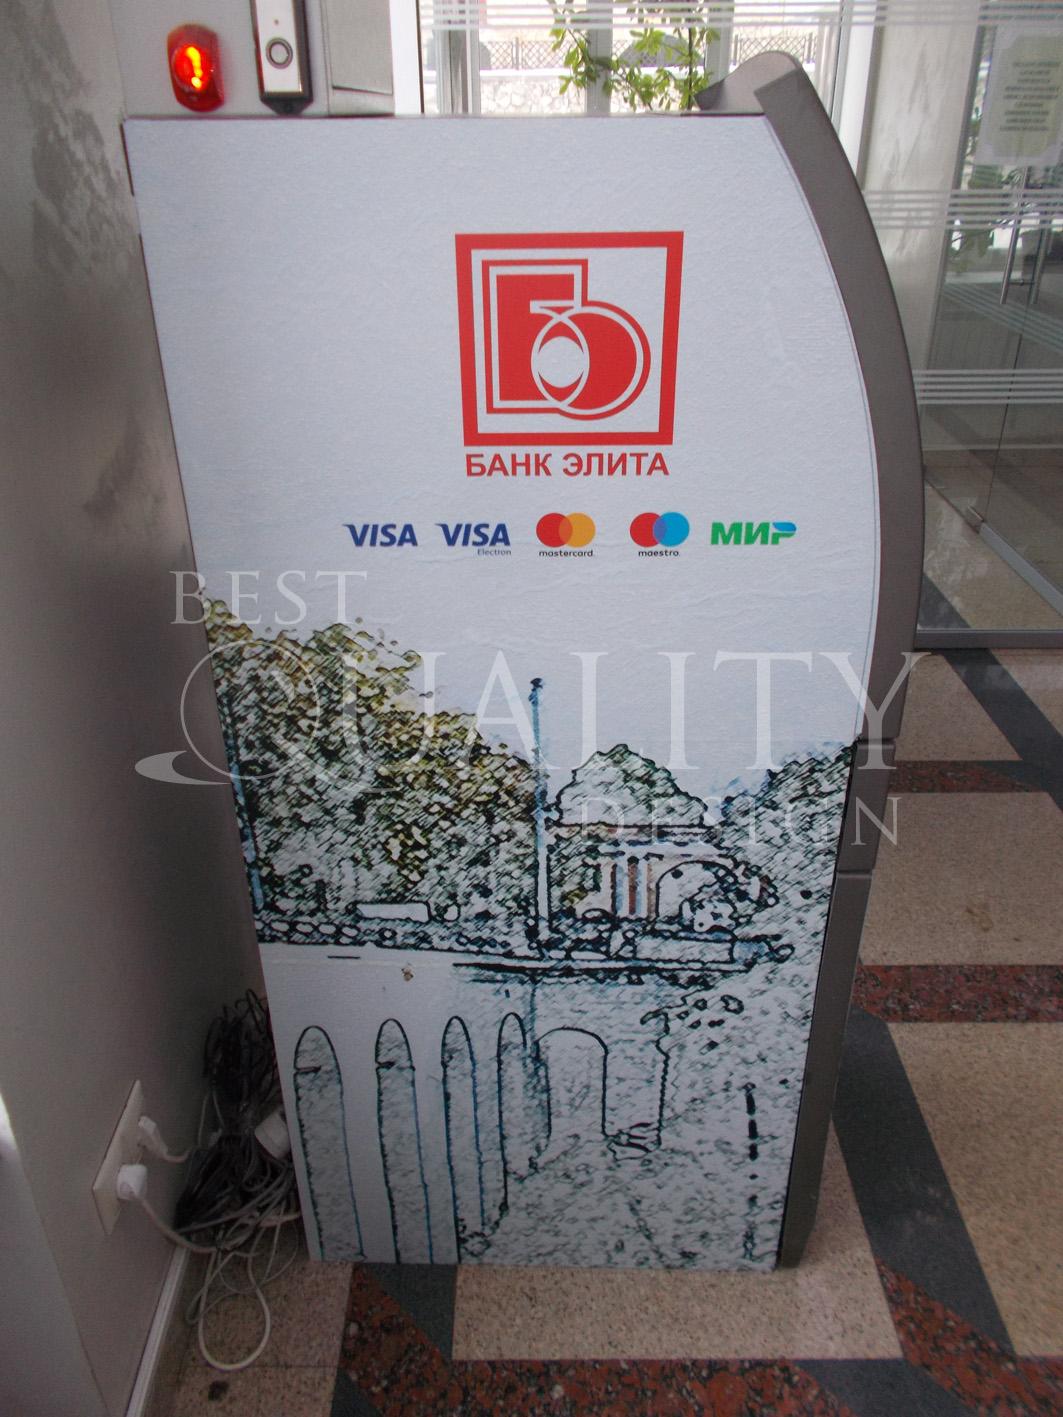 Брендирование банкоматов Банка Элита